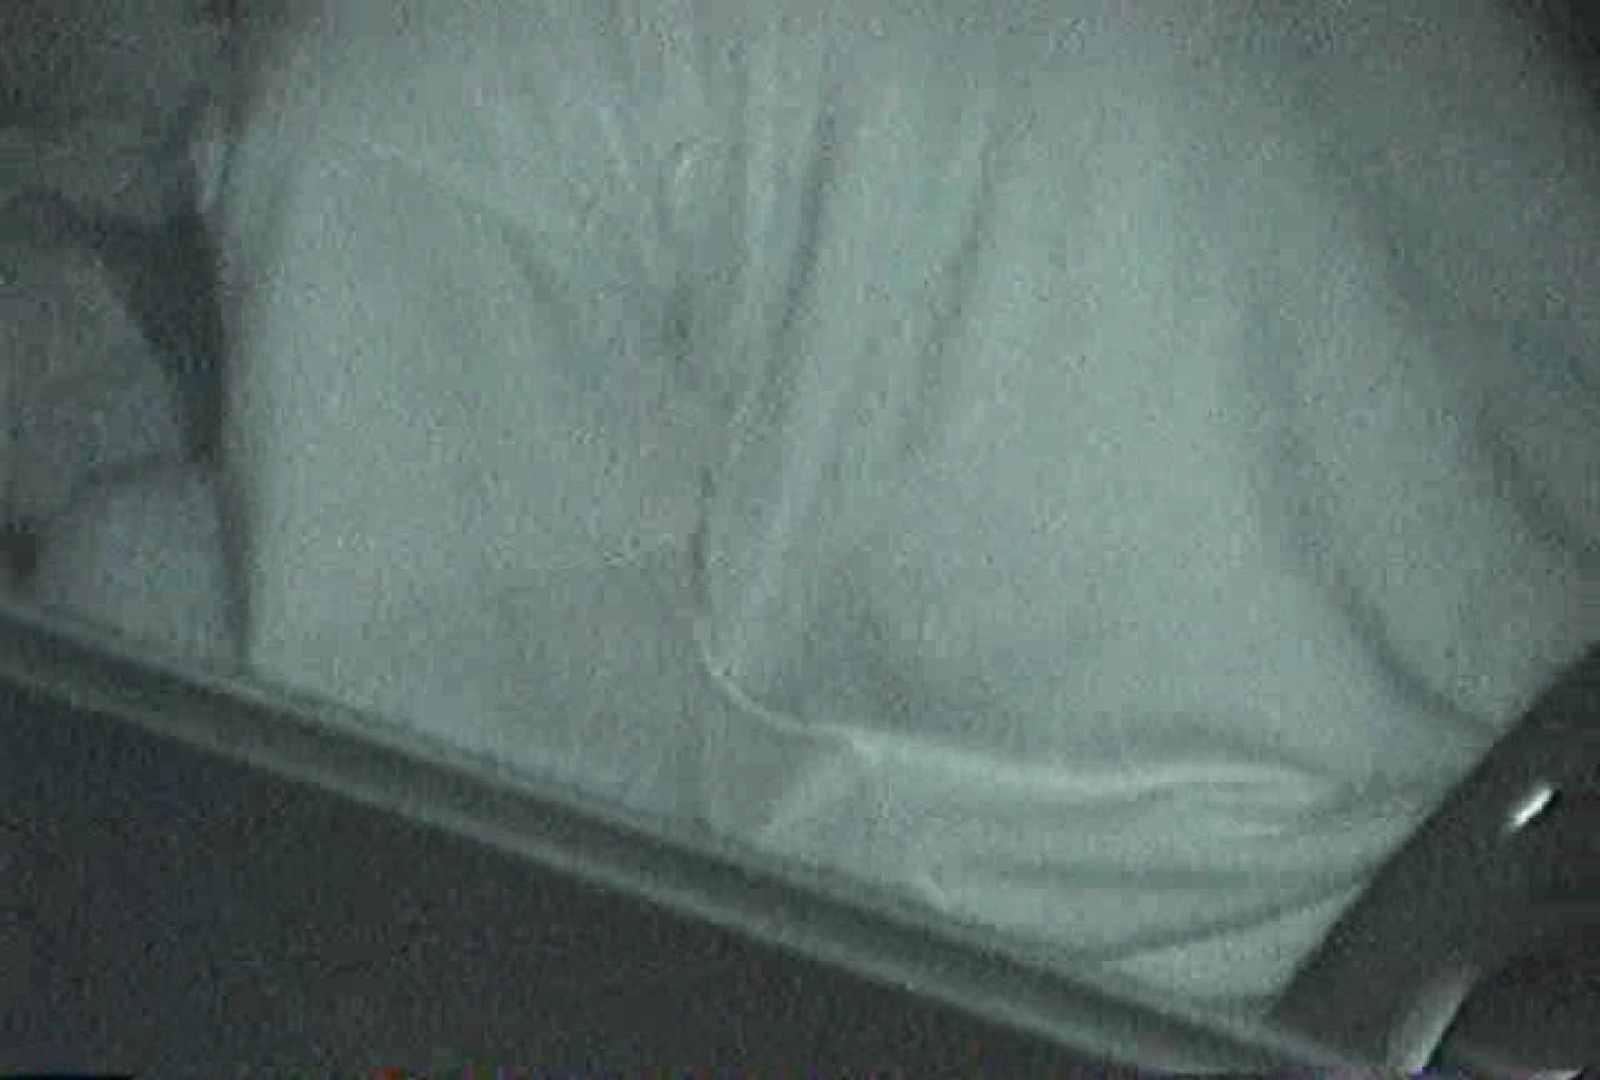 充血監督の深夜の運動会Vol.113 OLヌード天国 | カップルのセックス  59PIX 55